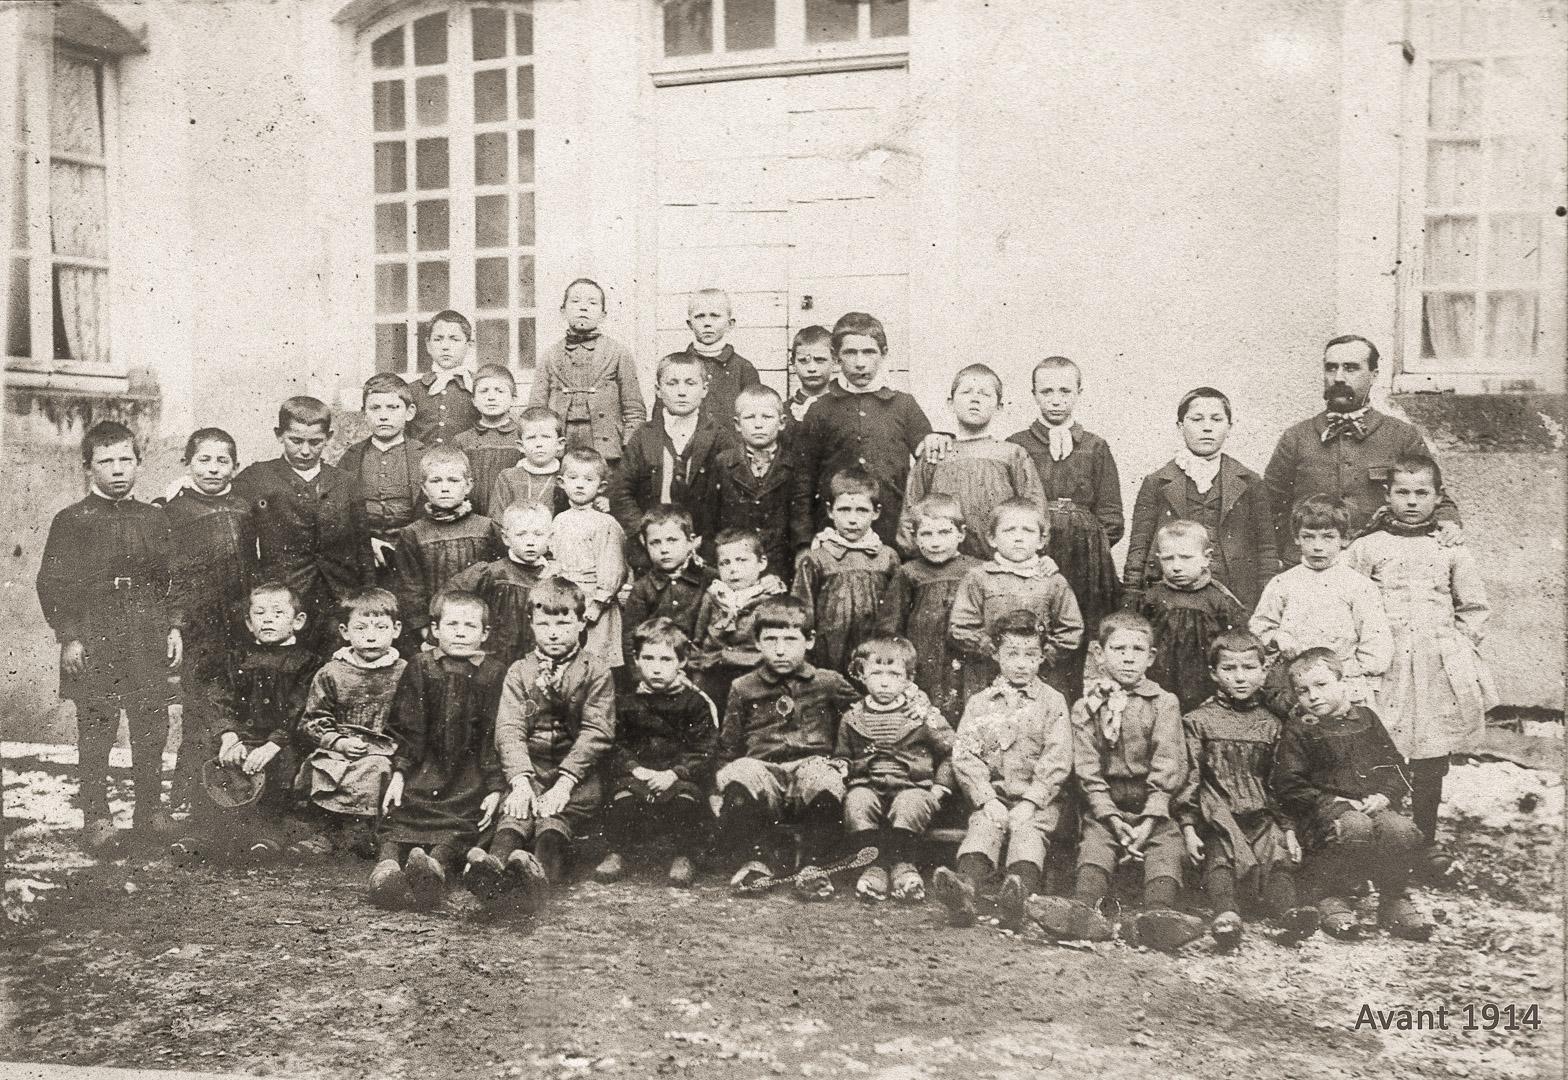 1907-Ecole_Menoux-1